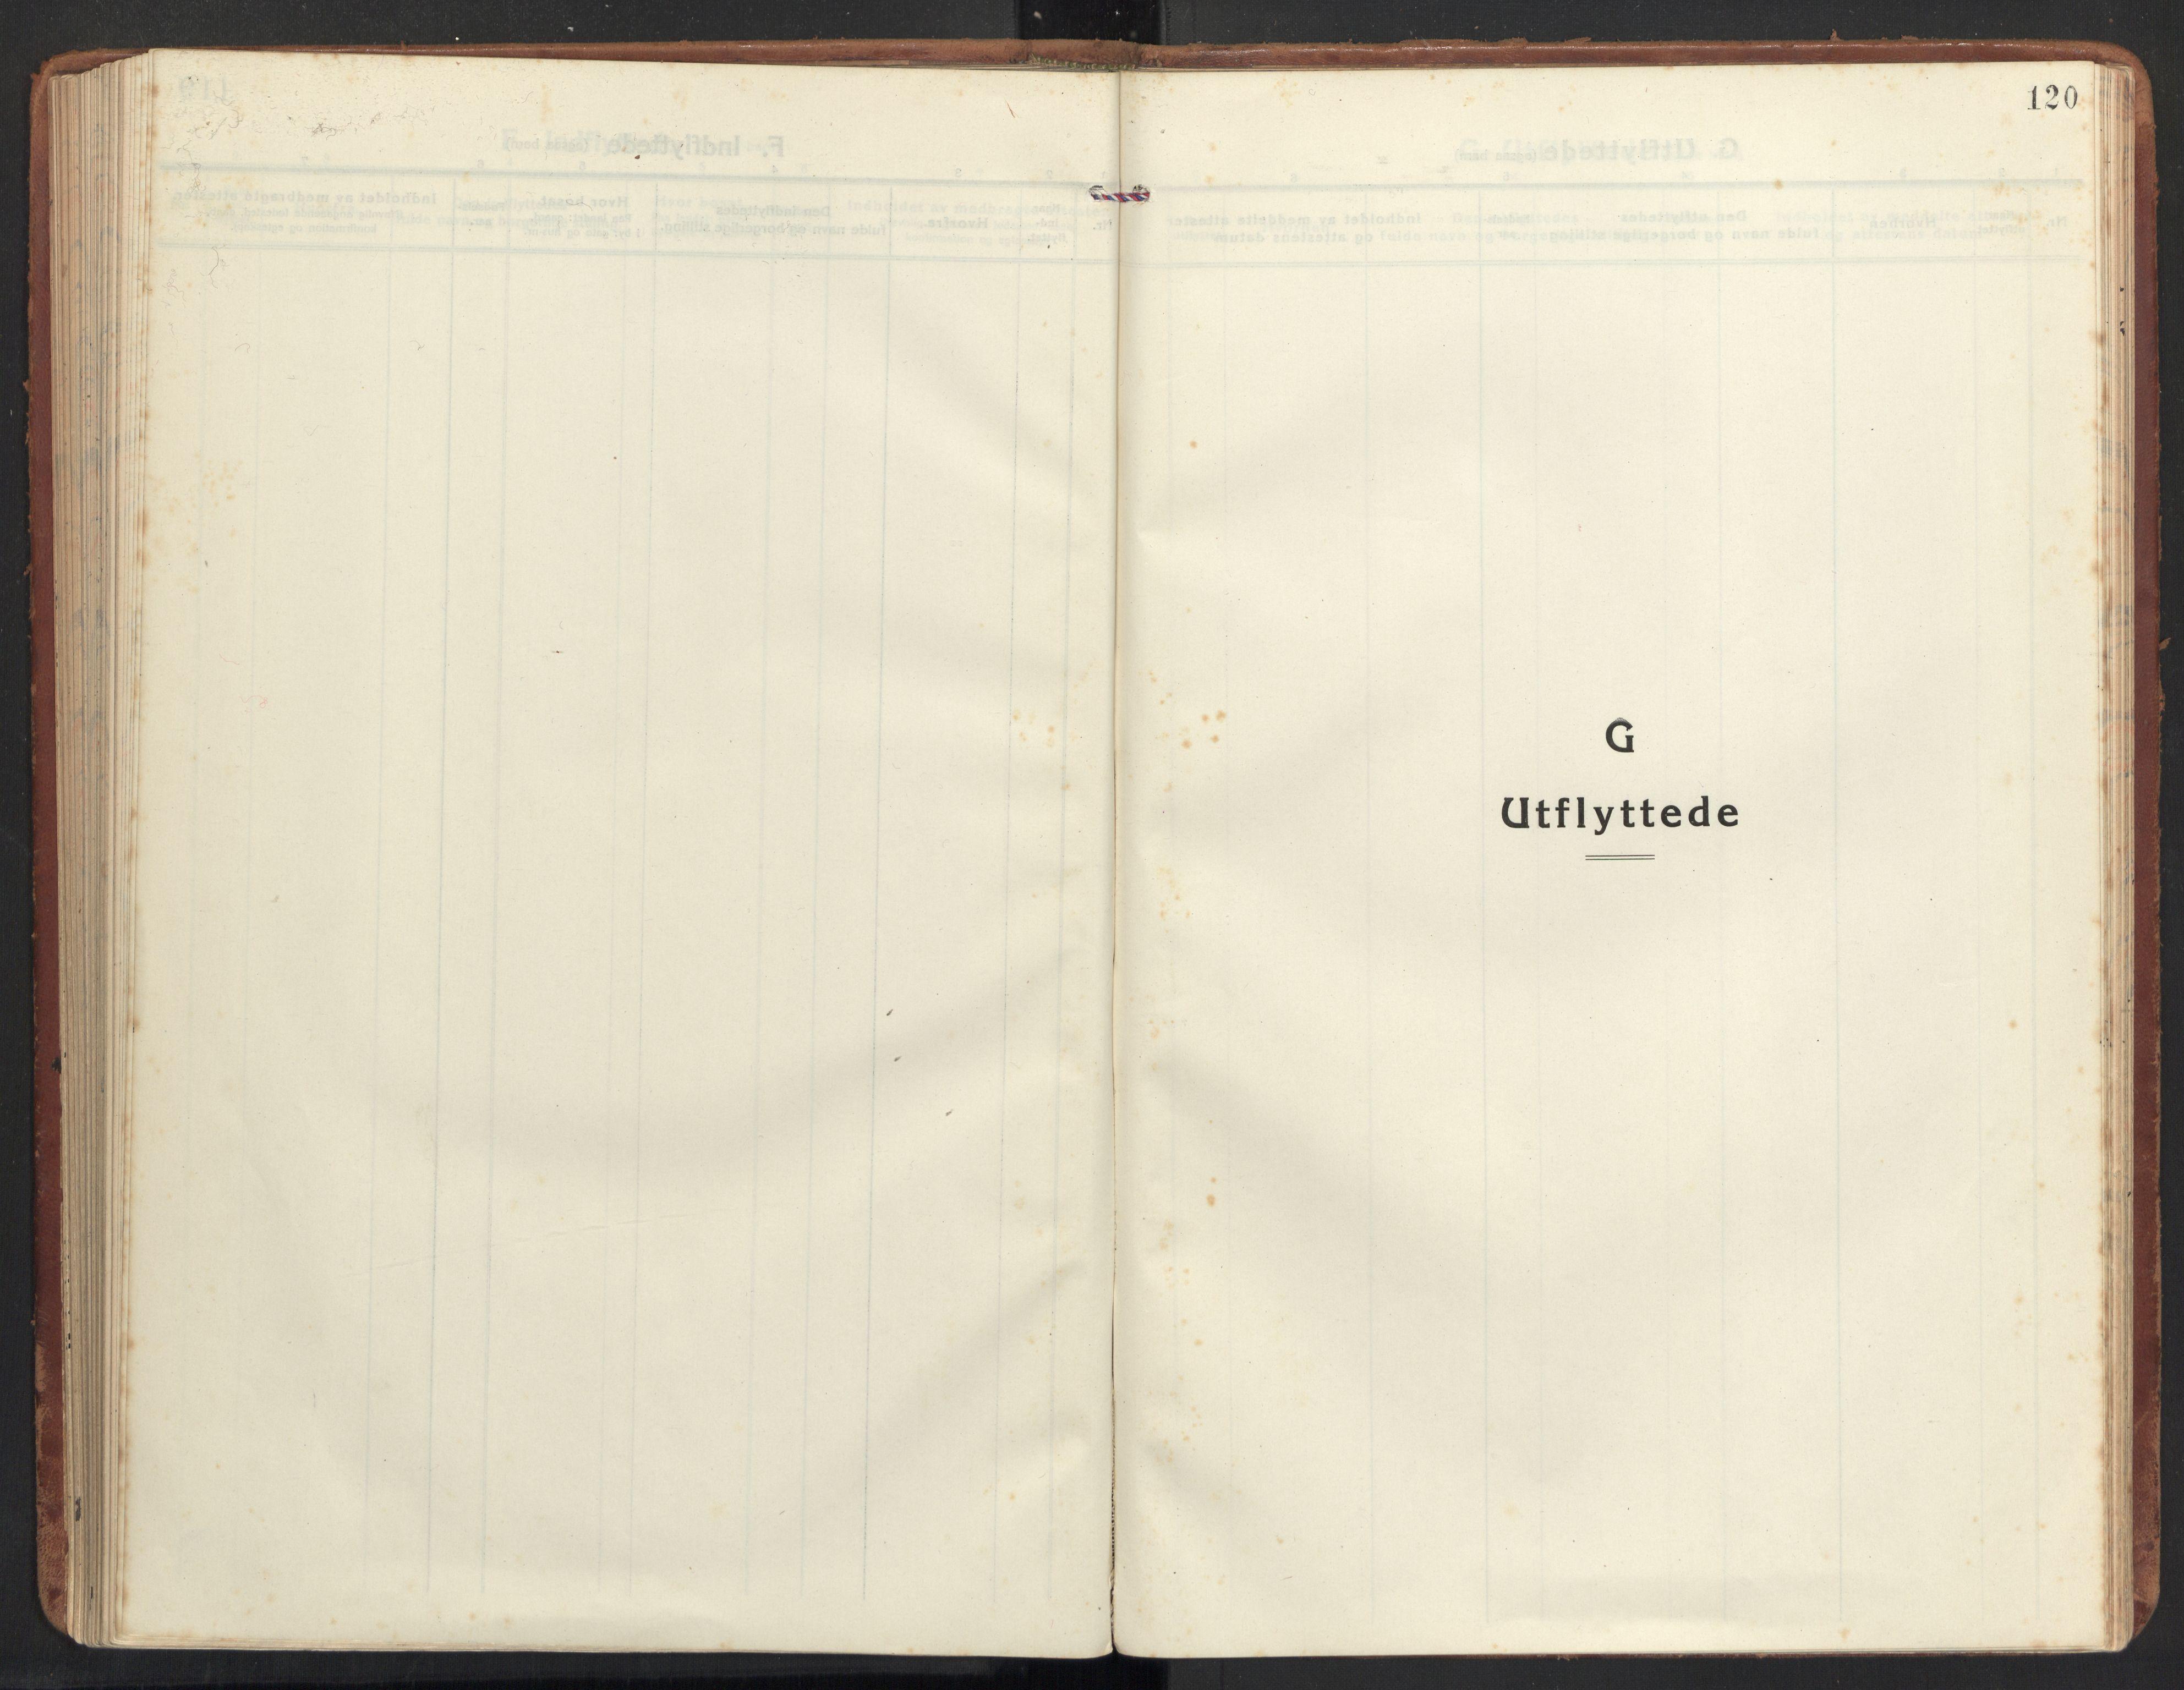 SAT, Ministerialprotokoller, klokkerbøker og fødselsregistre - Møre og Romsdal, 504/L0058: Ministerialbok nr. 504A05, 1920-1940, s. 120